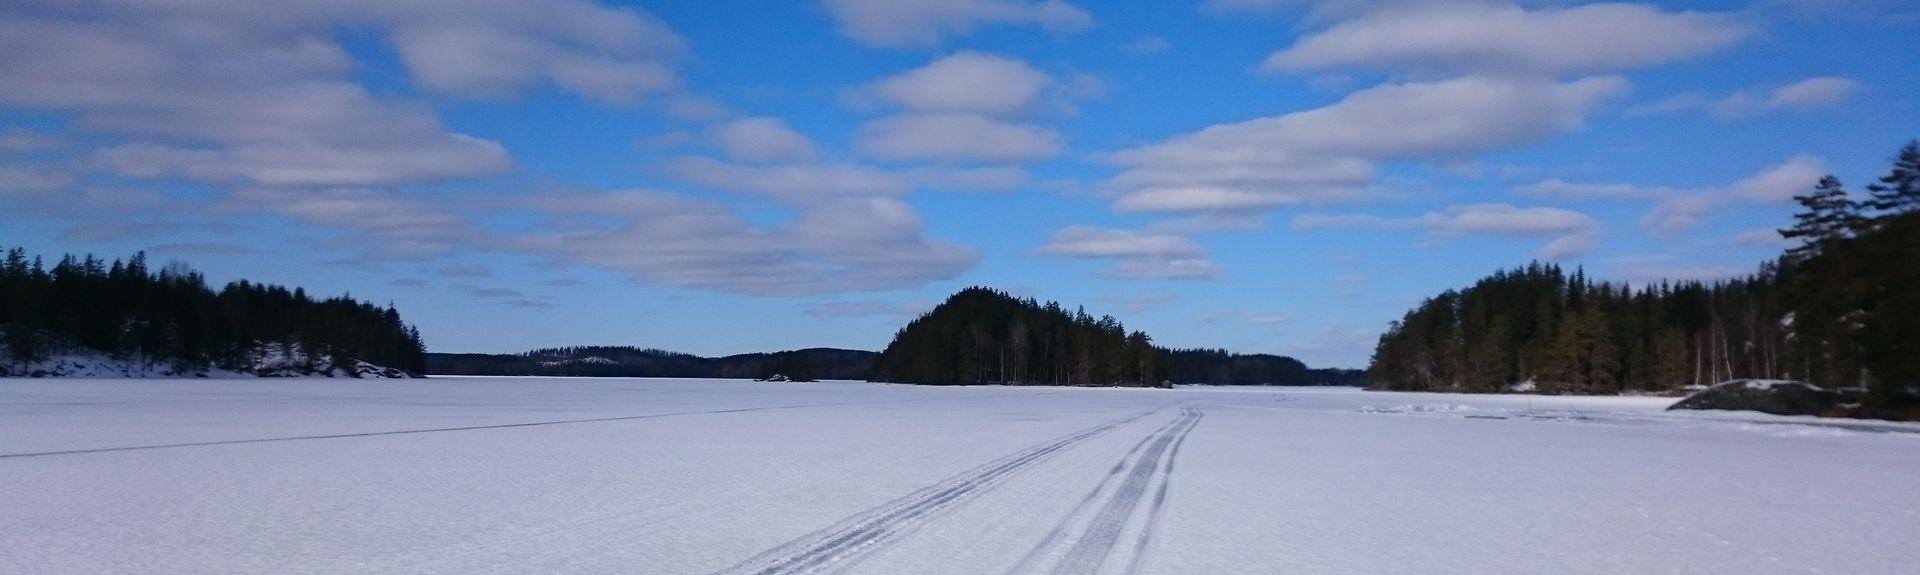 Mikkeli Province, Finland